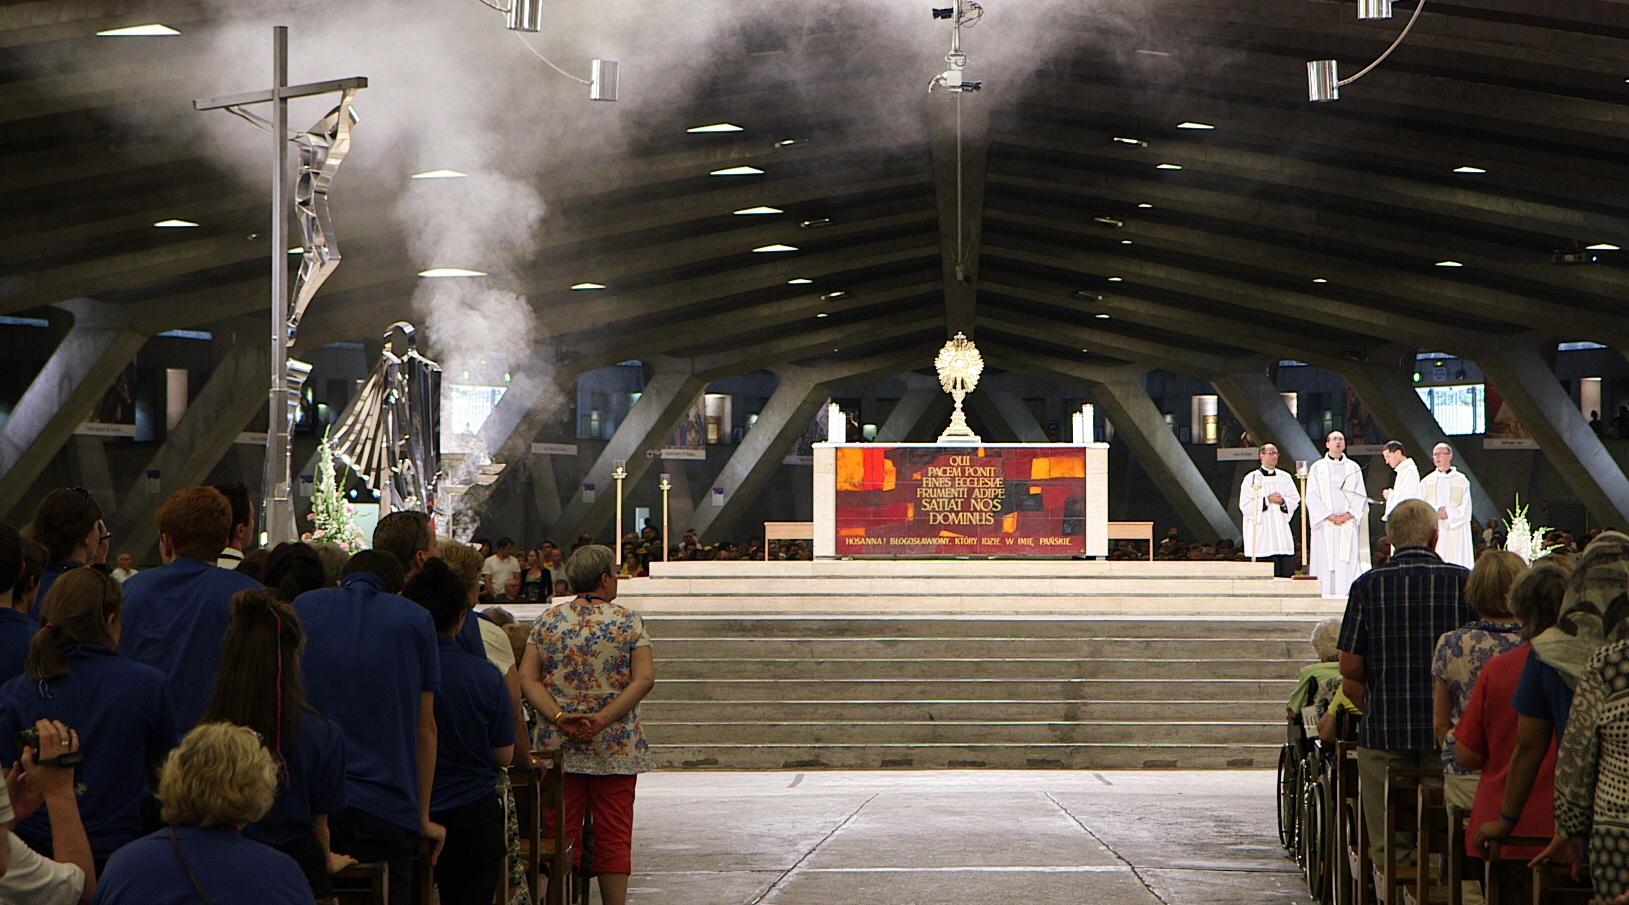 Impresionante Filmación de una Hostia Levitando en el altar en Misa